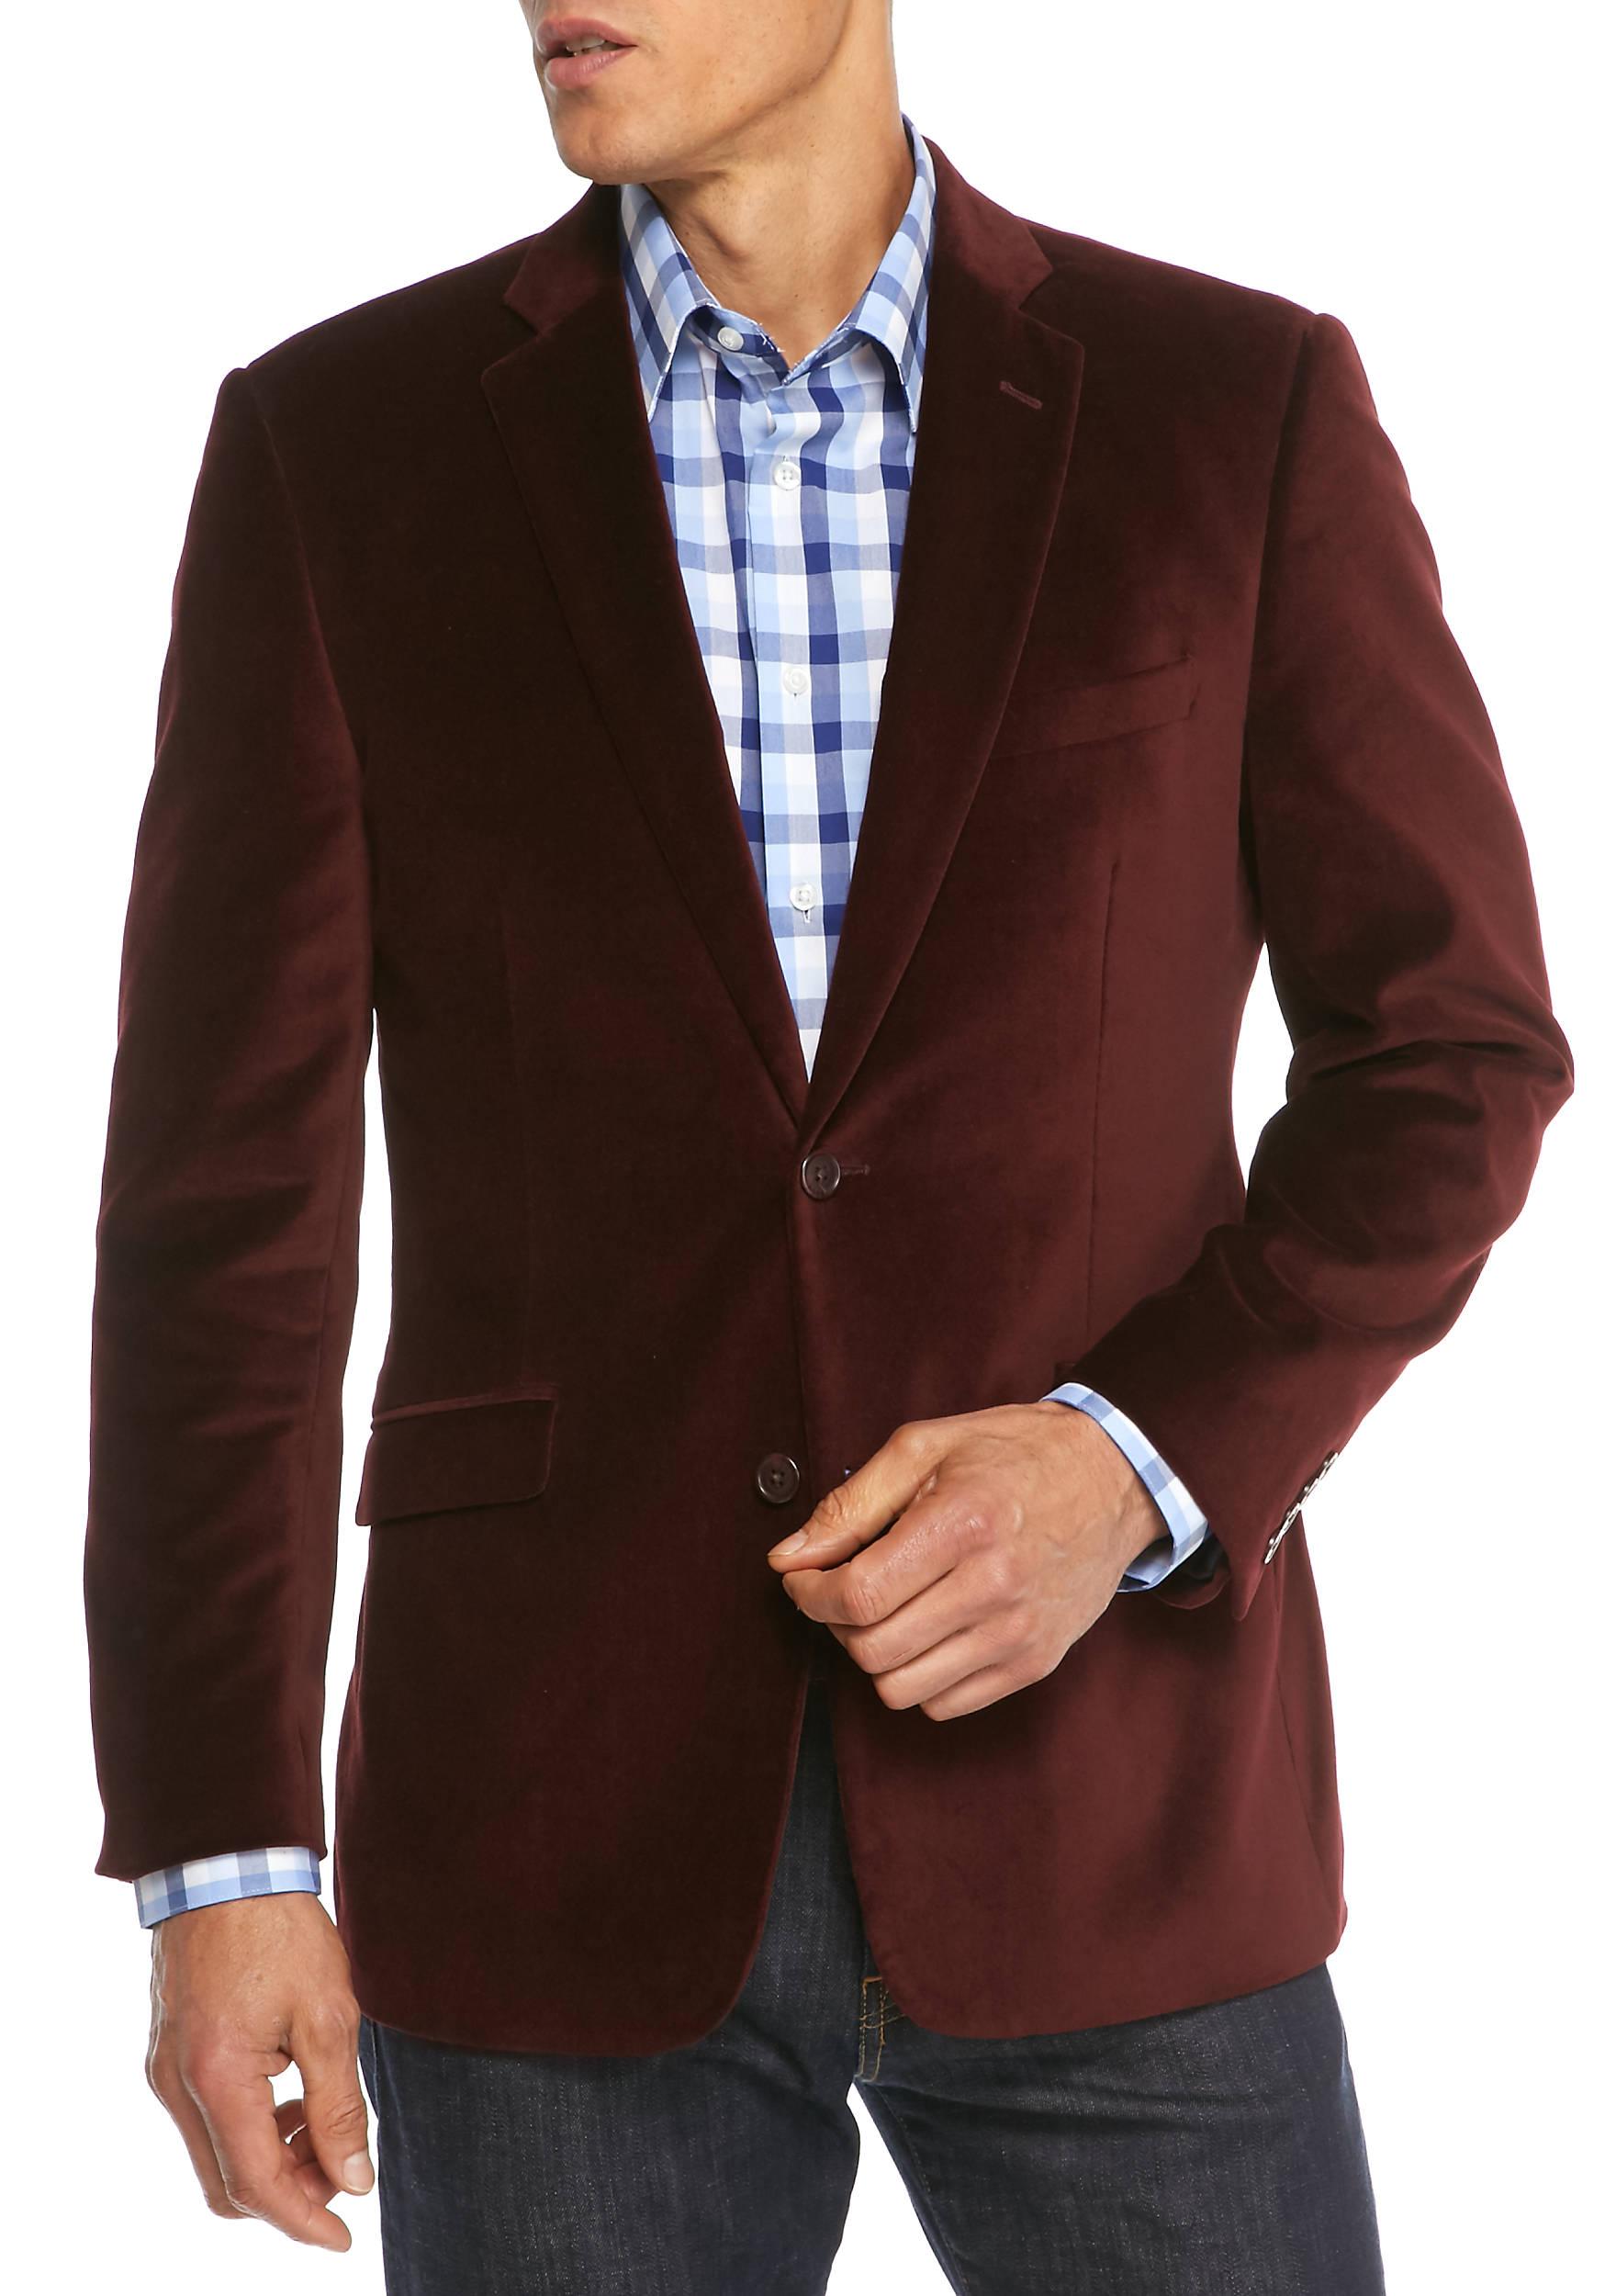 Men's Sport Coats & Blazers: Casual, Dinner Jackets & More | belk